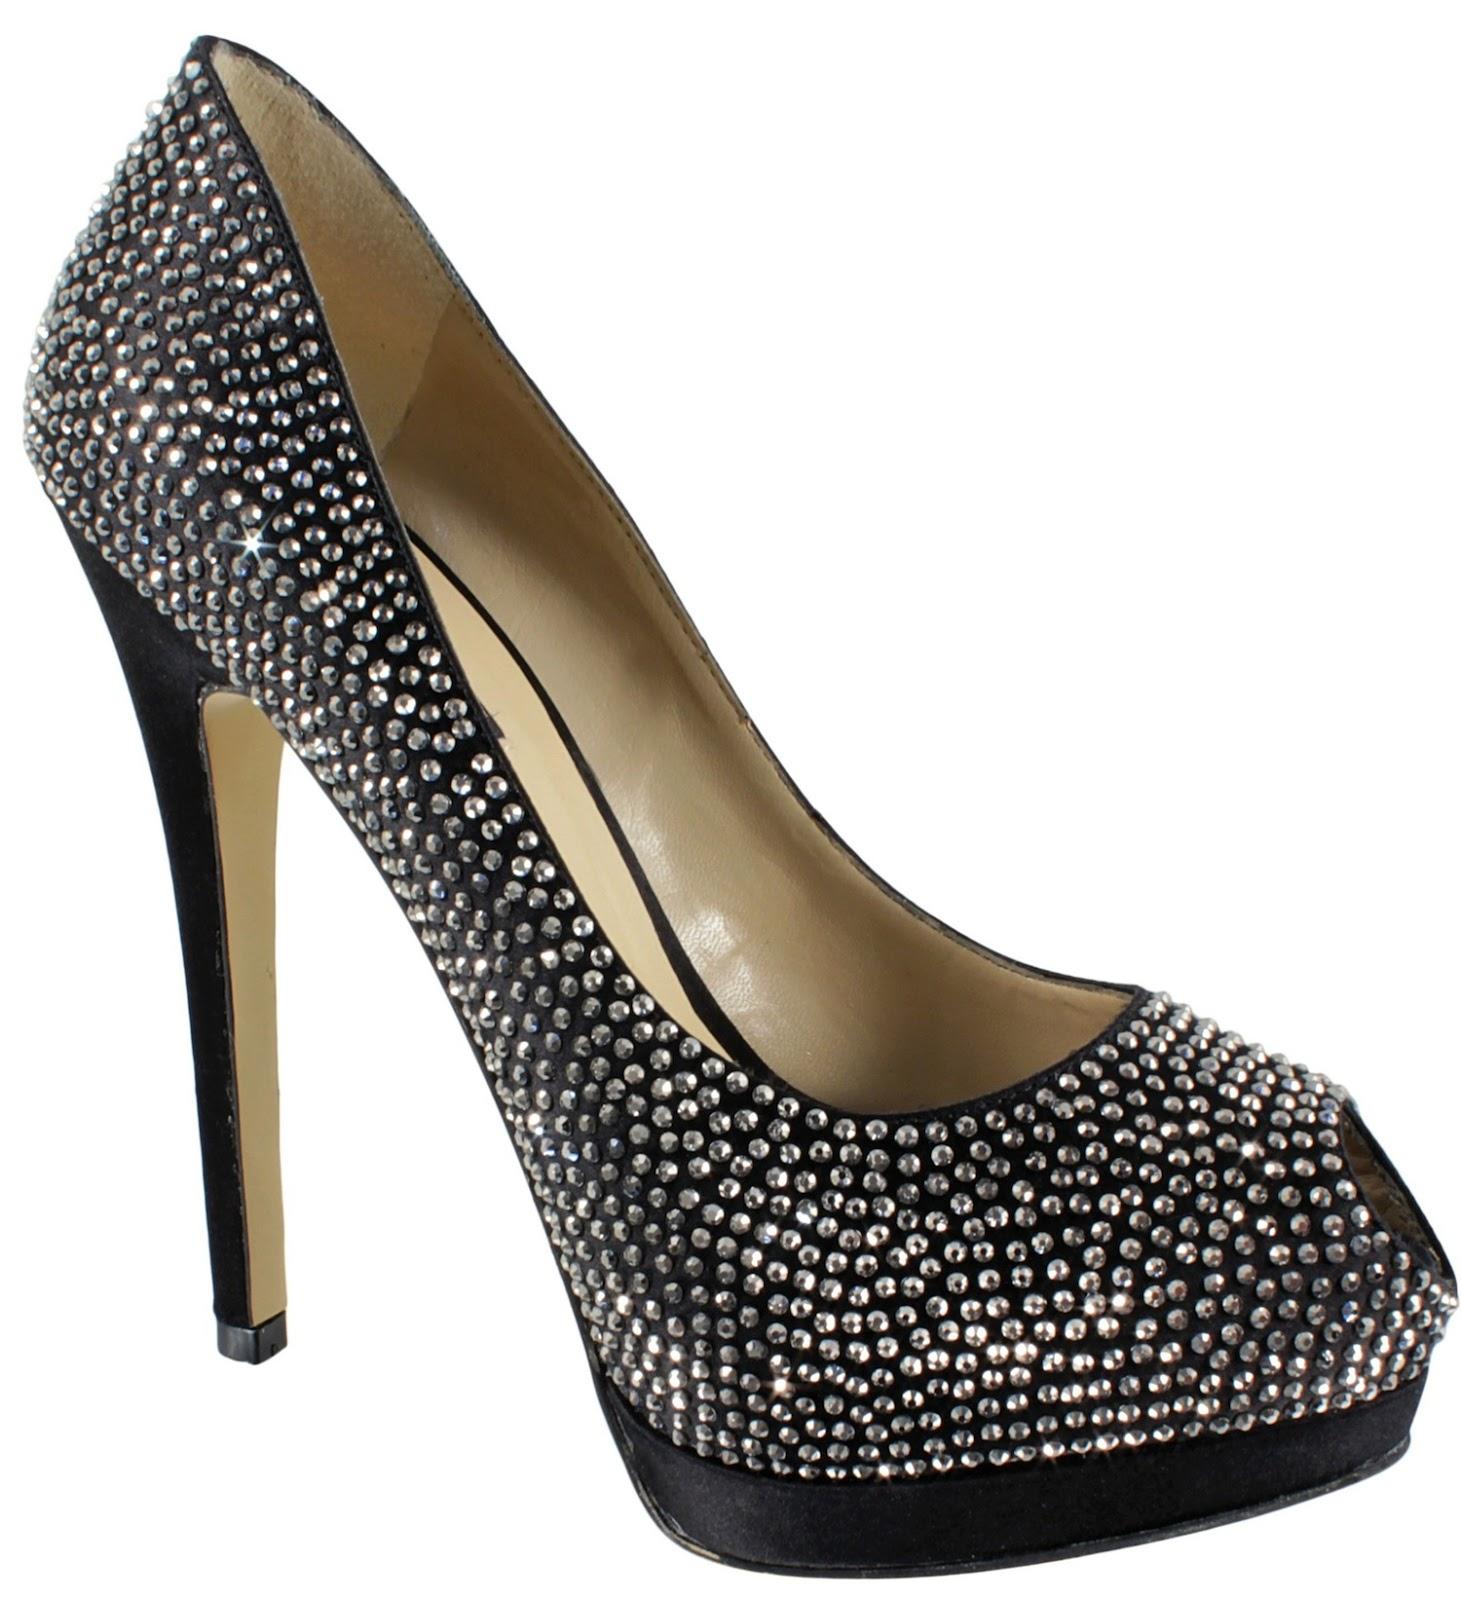 new styles dd585 32b91 Cinti, scarpe gioiello per le feste   La Promenade, BlogZine ...